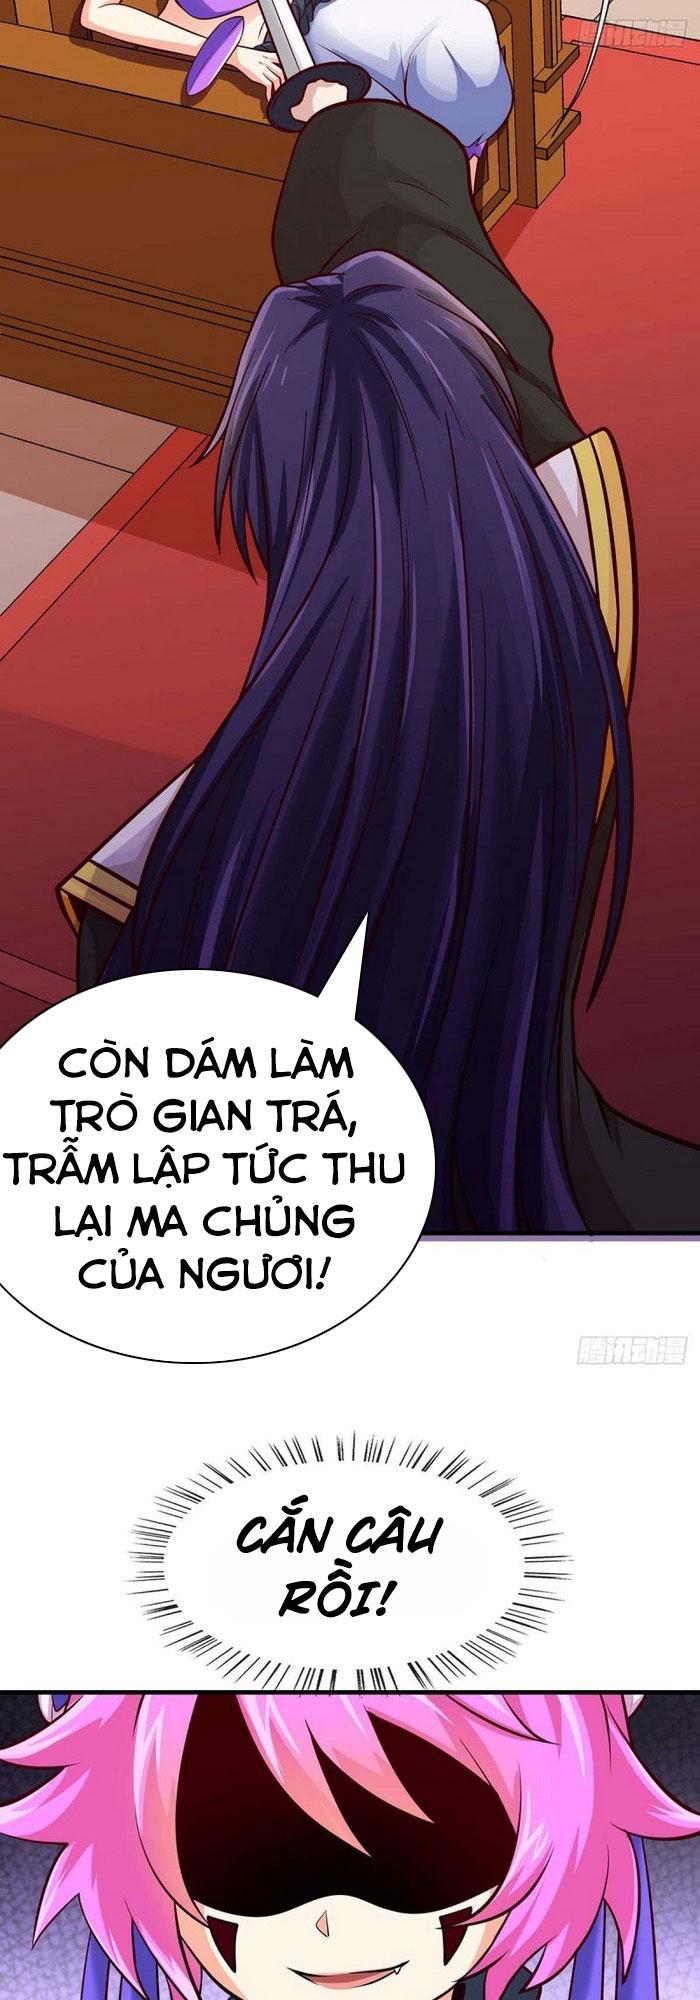 Tiên Đế Qui Lai chap 129 - Trang 17